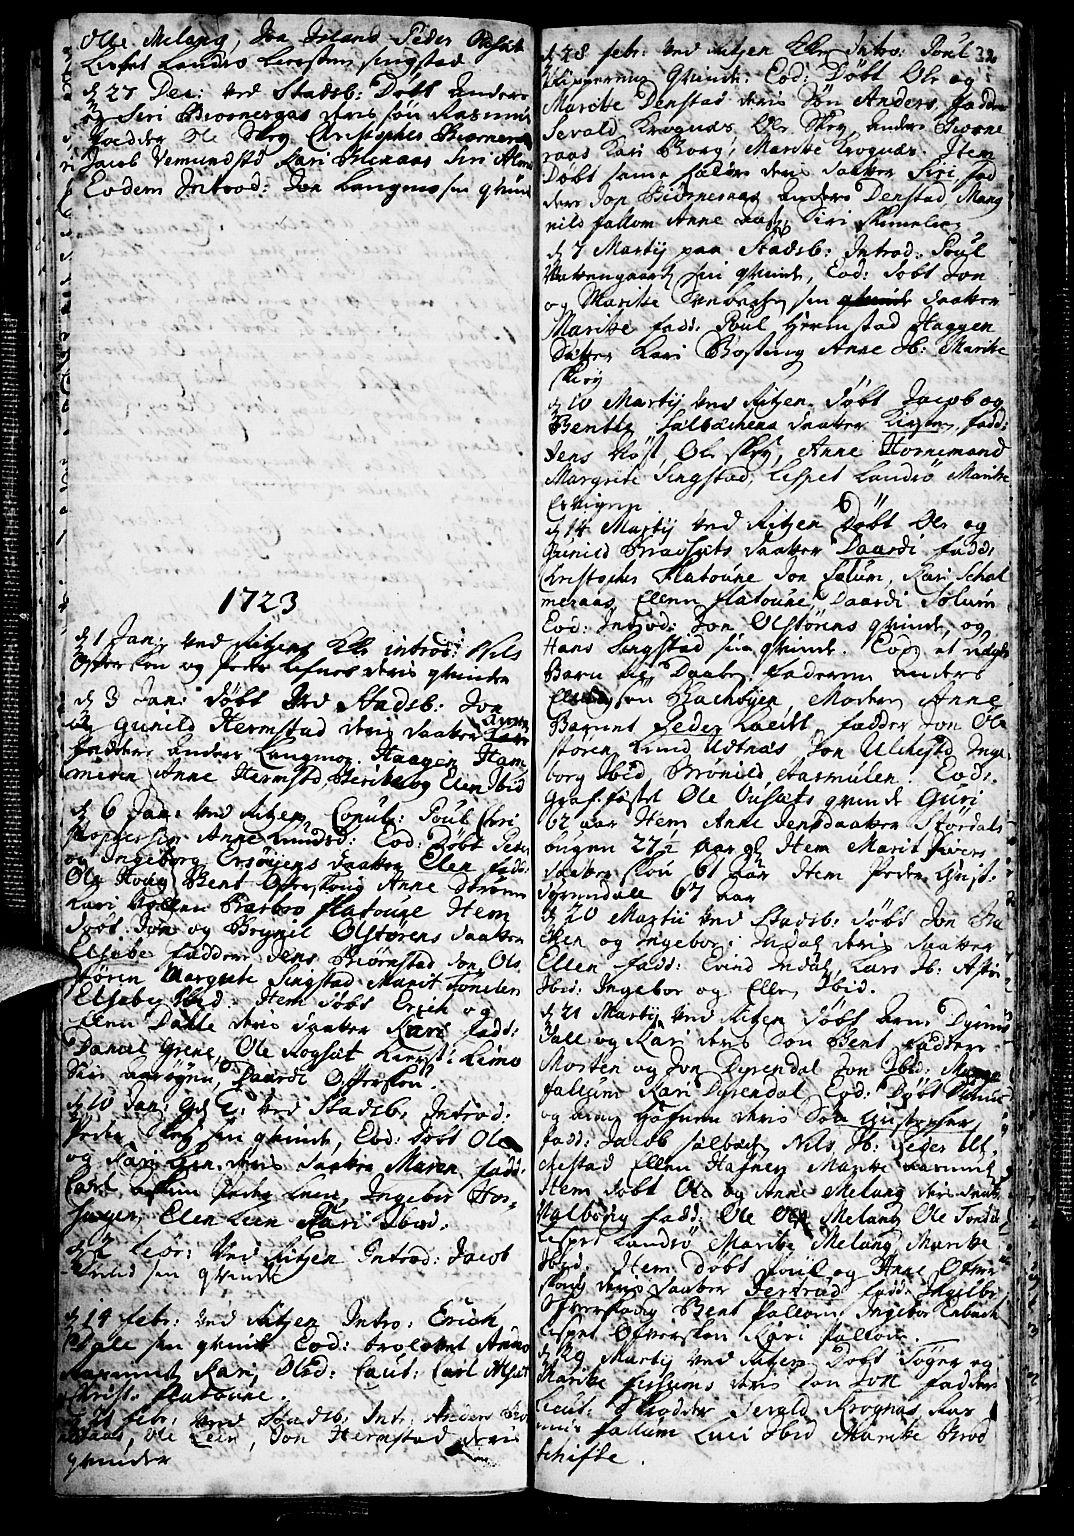 SAT, Ministerialprotokoller, klokkerbøker og fødselsregistre - Sør-Trøndelag, 646/L0603: Ministerialbok nr. 646A01, 1700-1734, s. 32